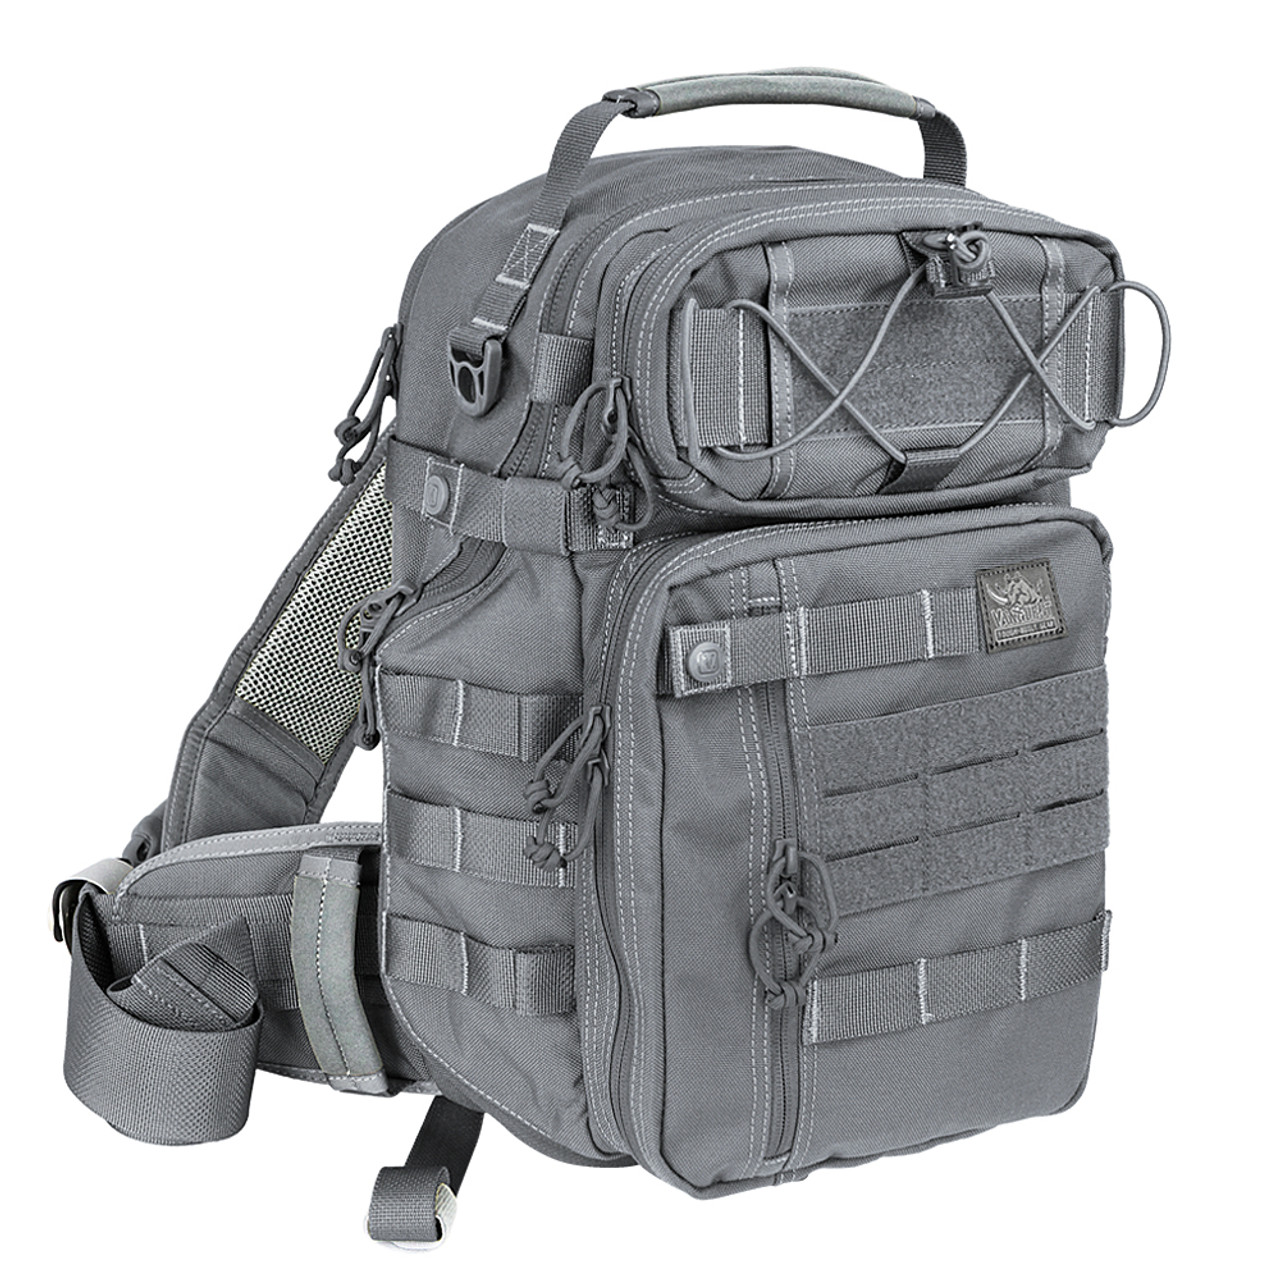 ebec3a1fb1d5 JAVELIN 3.0 VSlinger Right-Shoulder Slingpack